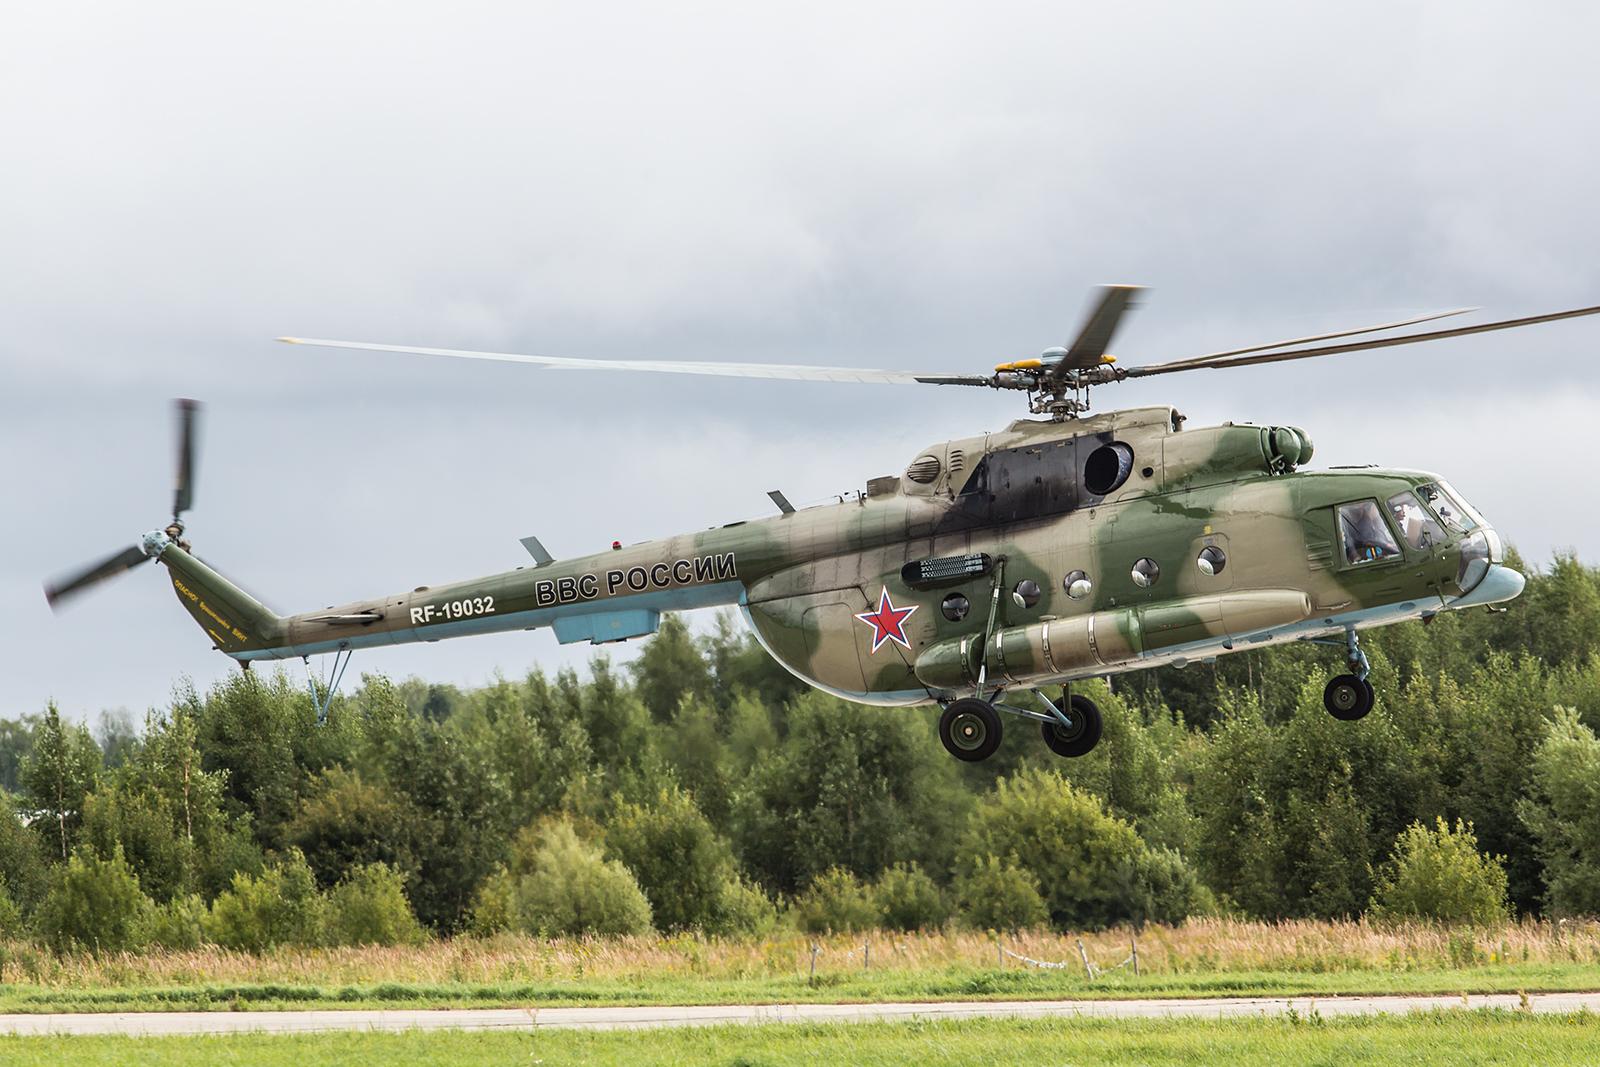 Eine Mil- Mi-8MTSch brachte einige Gäste.